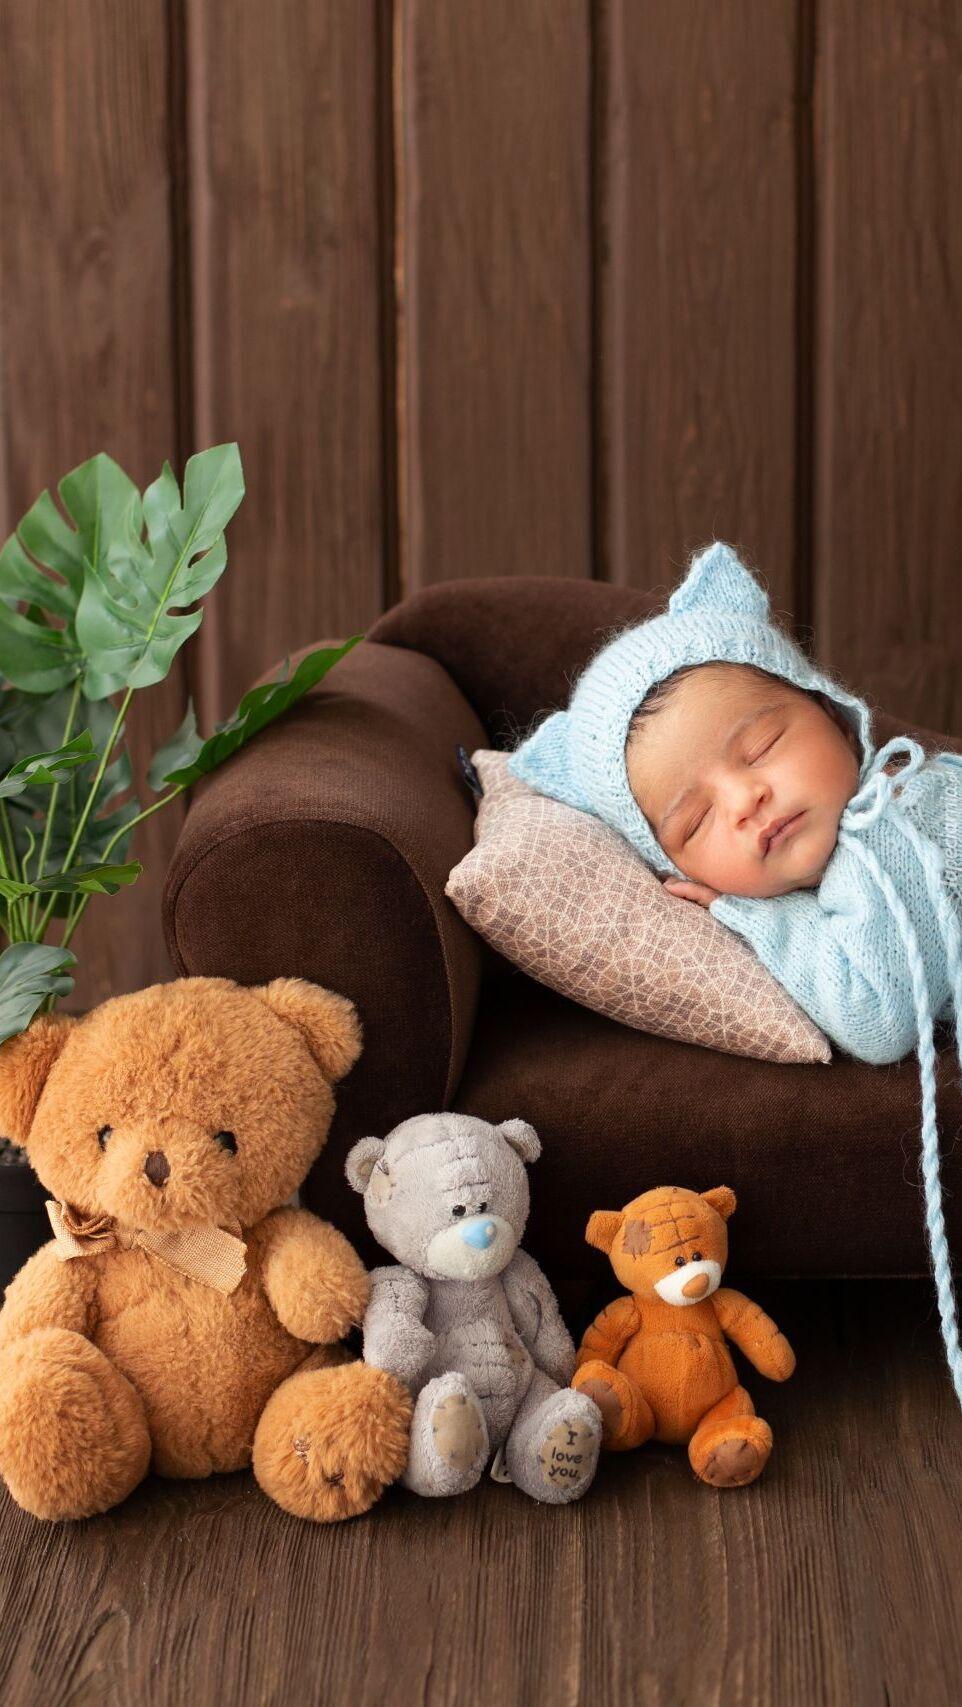 Śpiące niemowlę na sofie